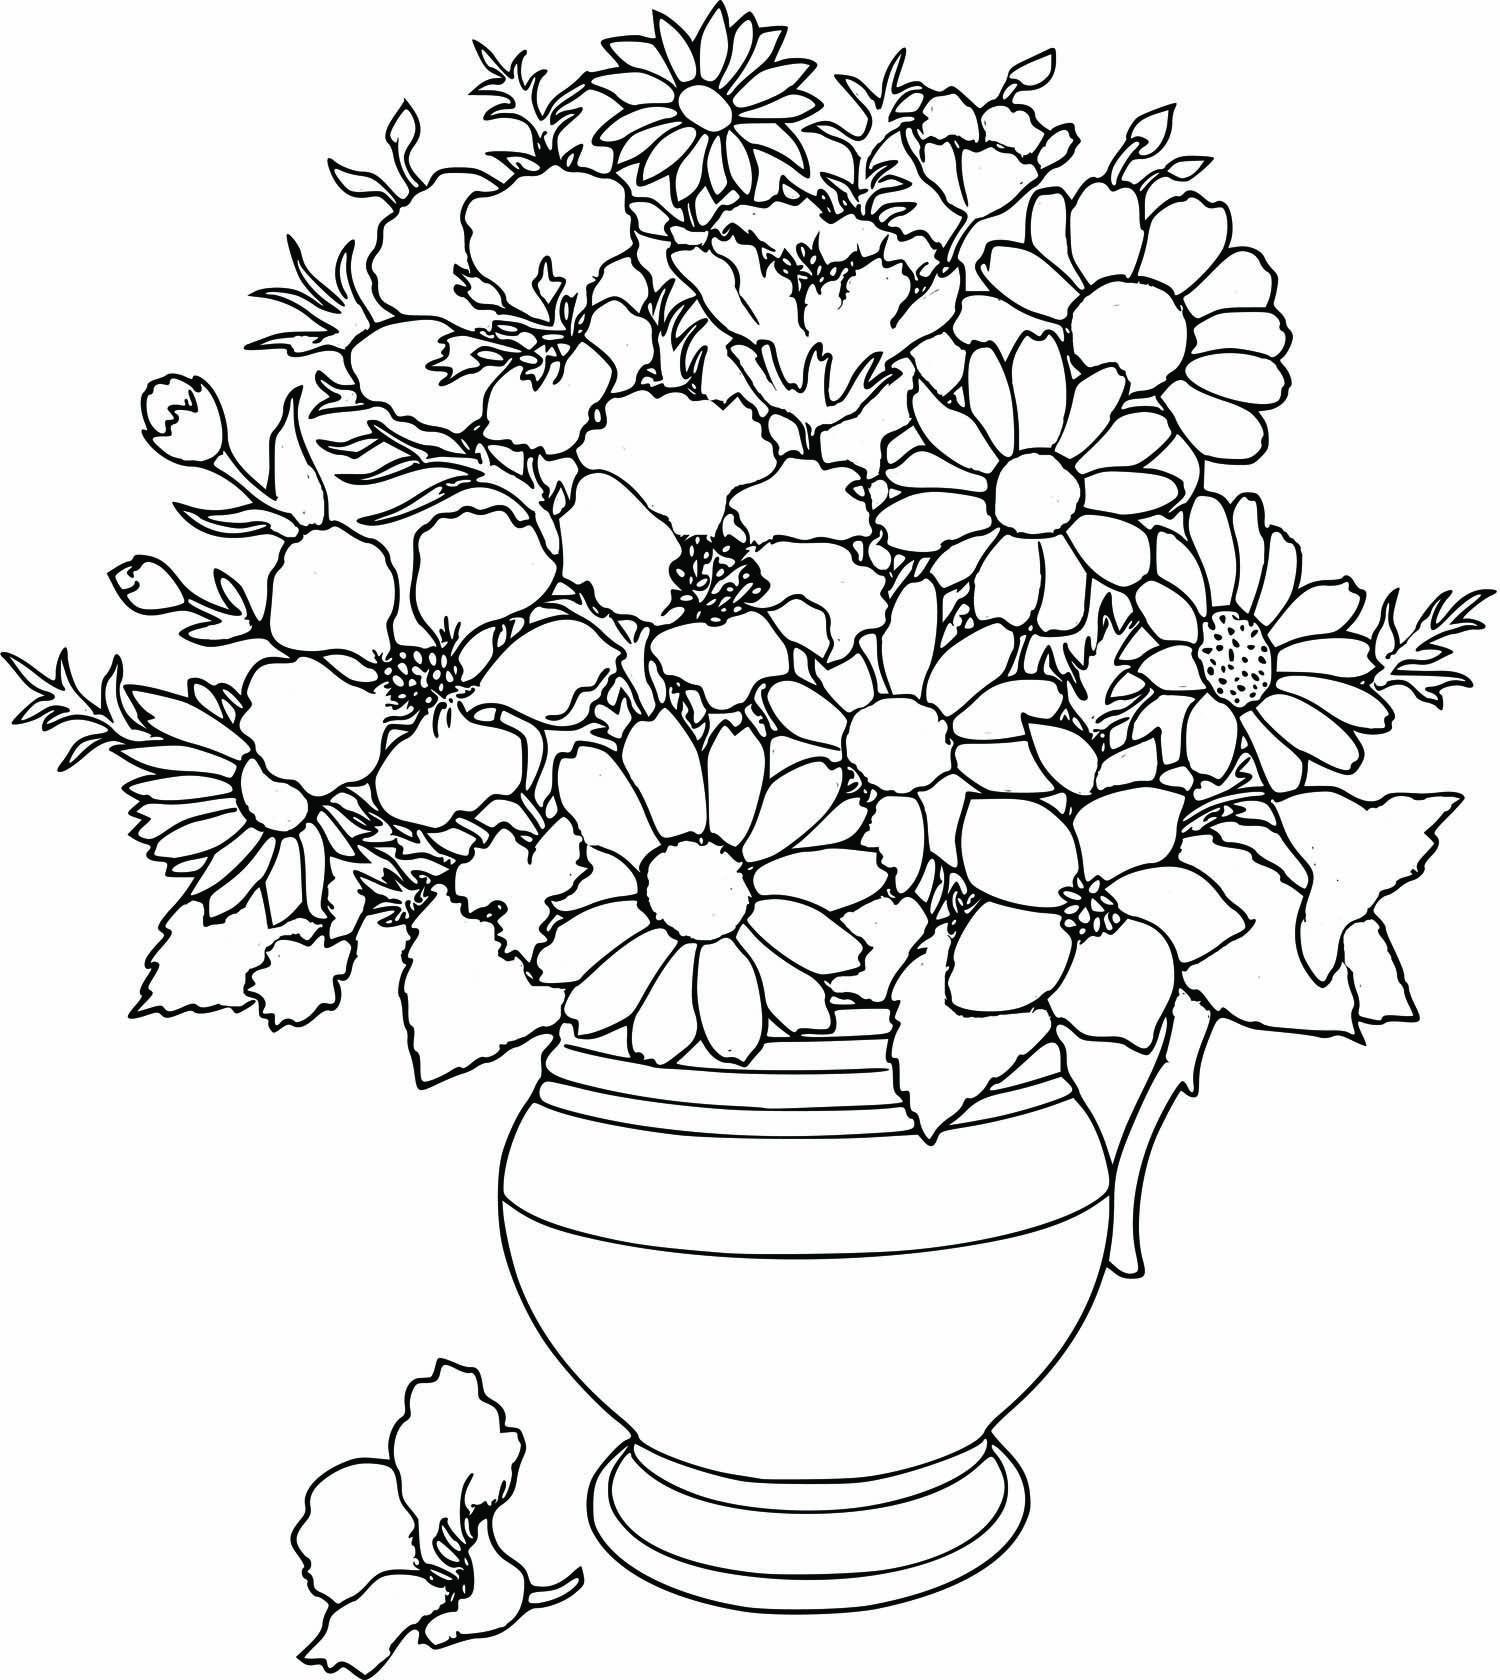 Раскраска с цветами фото